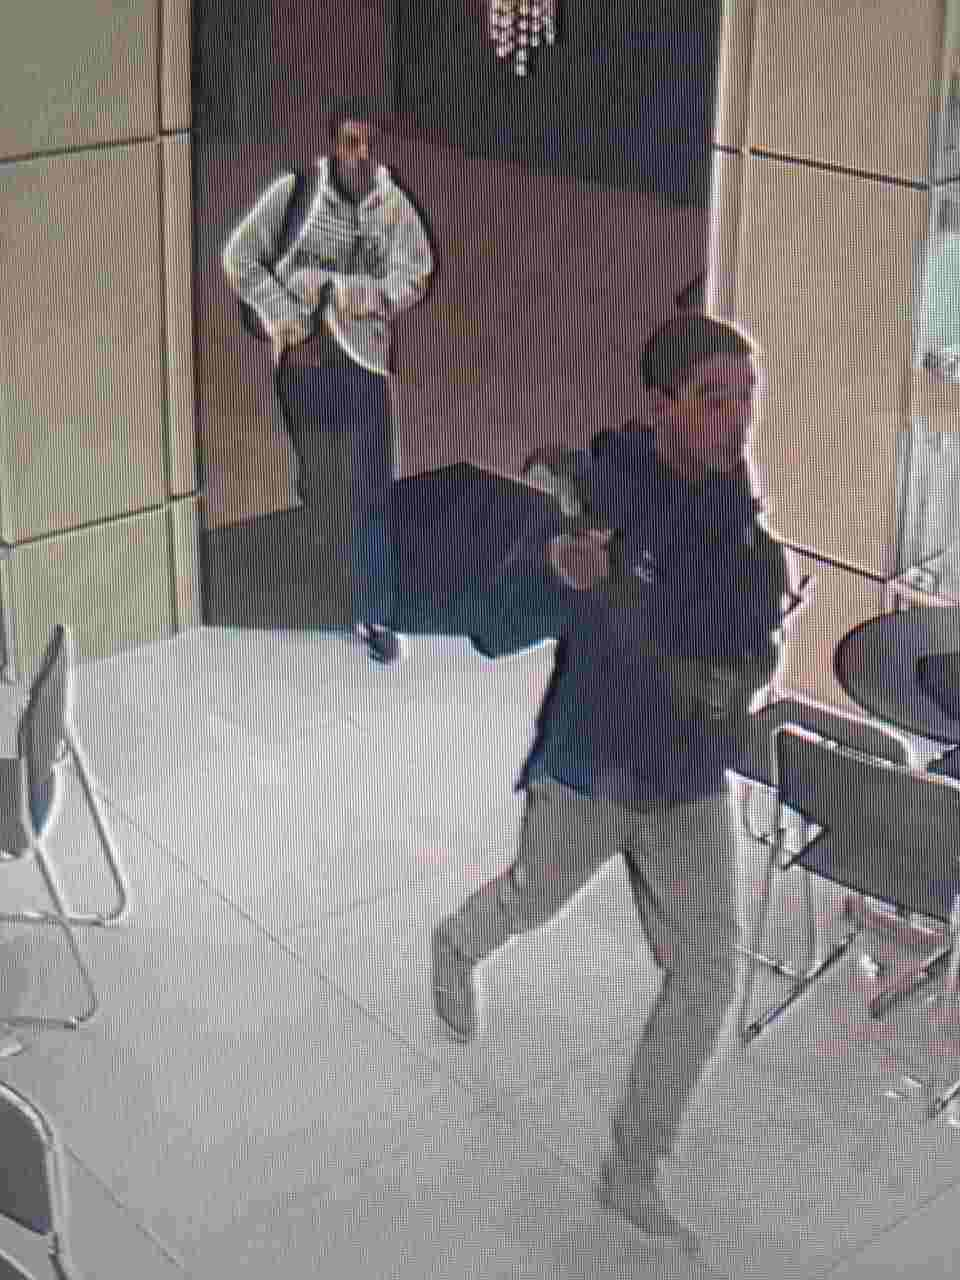 Criminosos foram flagrados durante assalto a joalheria dentro do Aparecida Shopping | Foto: Reprodução